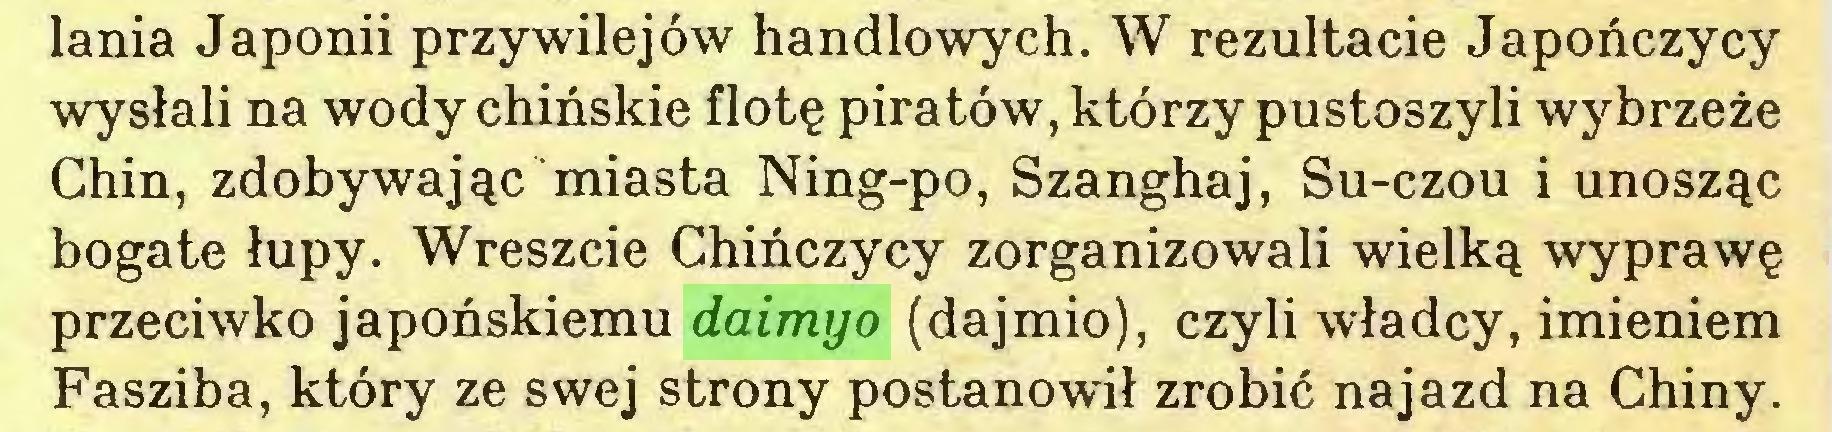 (...) lania Japonii przywilejów handlowych. W rezultacie Japończycy wysłali na wody chińskie flotę piratów, którzy pustoszyli wybrzeże Chin, zdobywając miasta Ning-po, Szanghaj, Su-czou i unosząc bogate łupy. Wreszcie Chińczycy zorganizowali wielką wyprawę przeciwko japońskiemu daimyo (dajmio), czyli władcy, imieniem Fasziba, który ze swej strony postanowił zrobić najazd na Chiny...